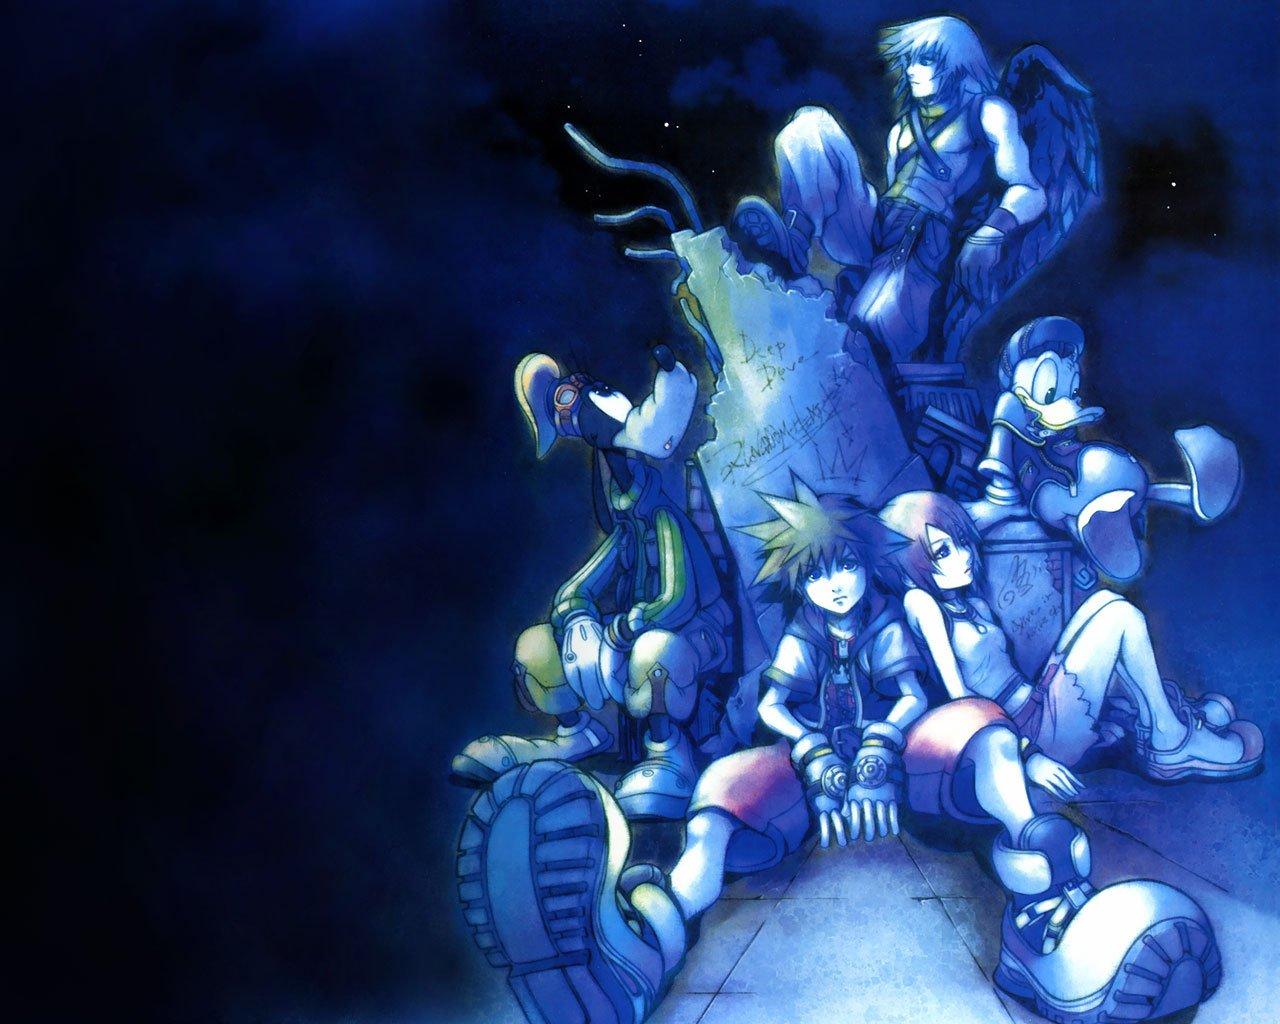 Ретроспектива серии Kingdom Hearts, часть 1-ая - Изображение 17